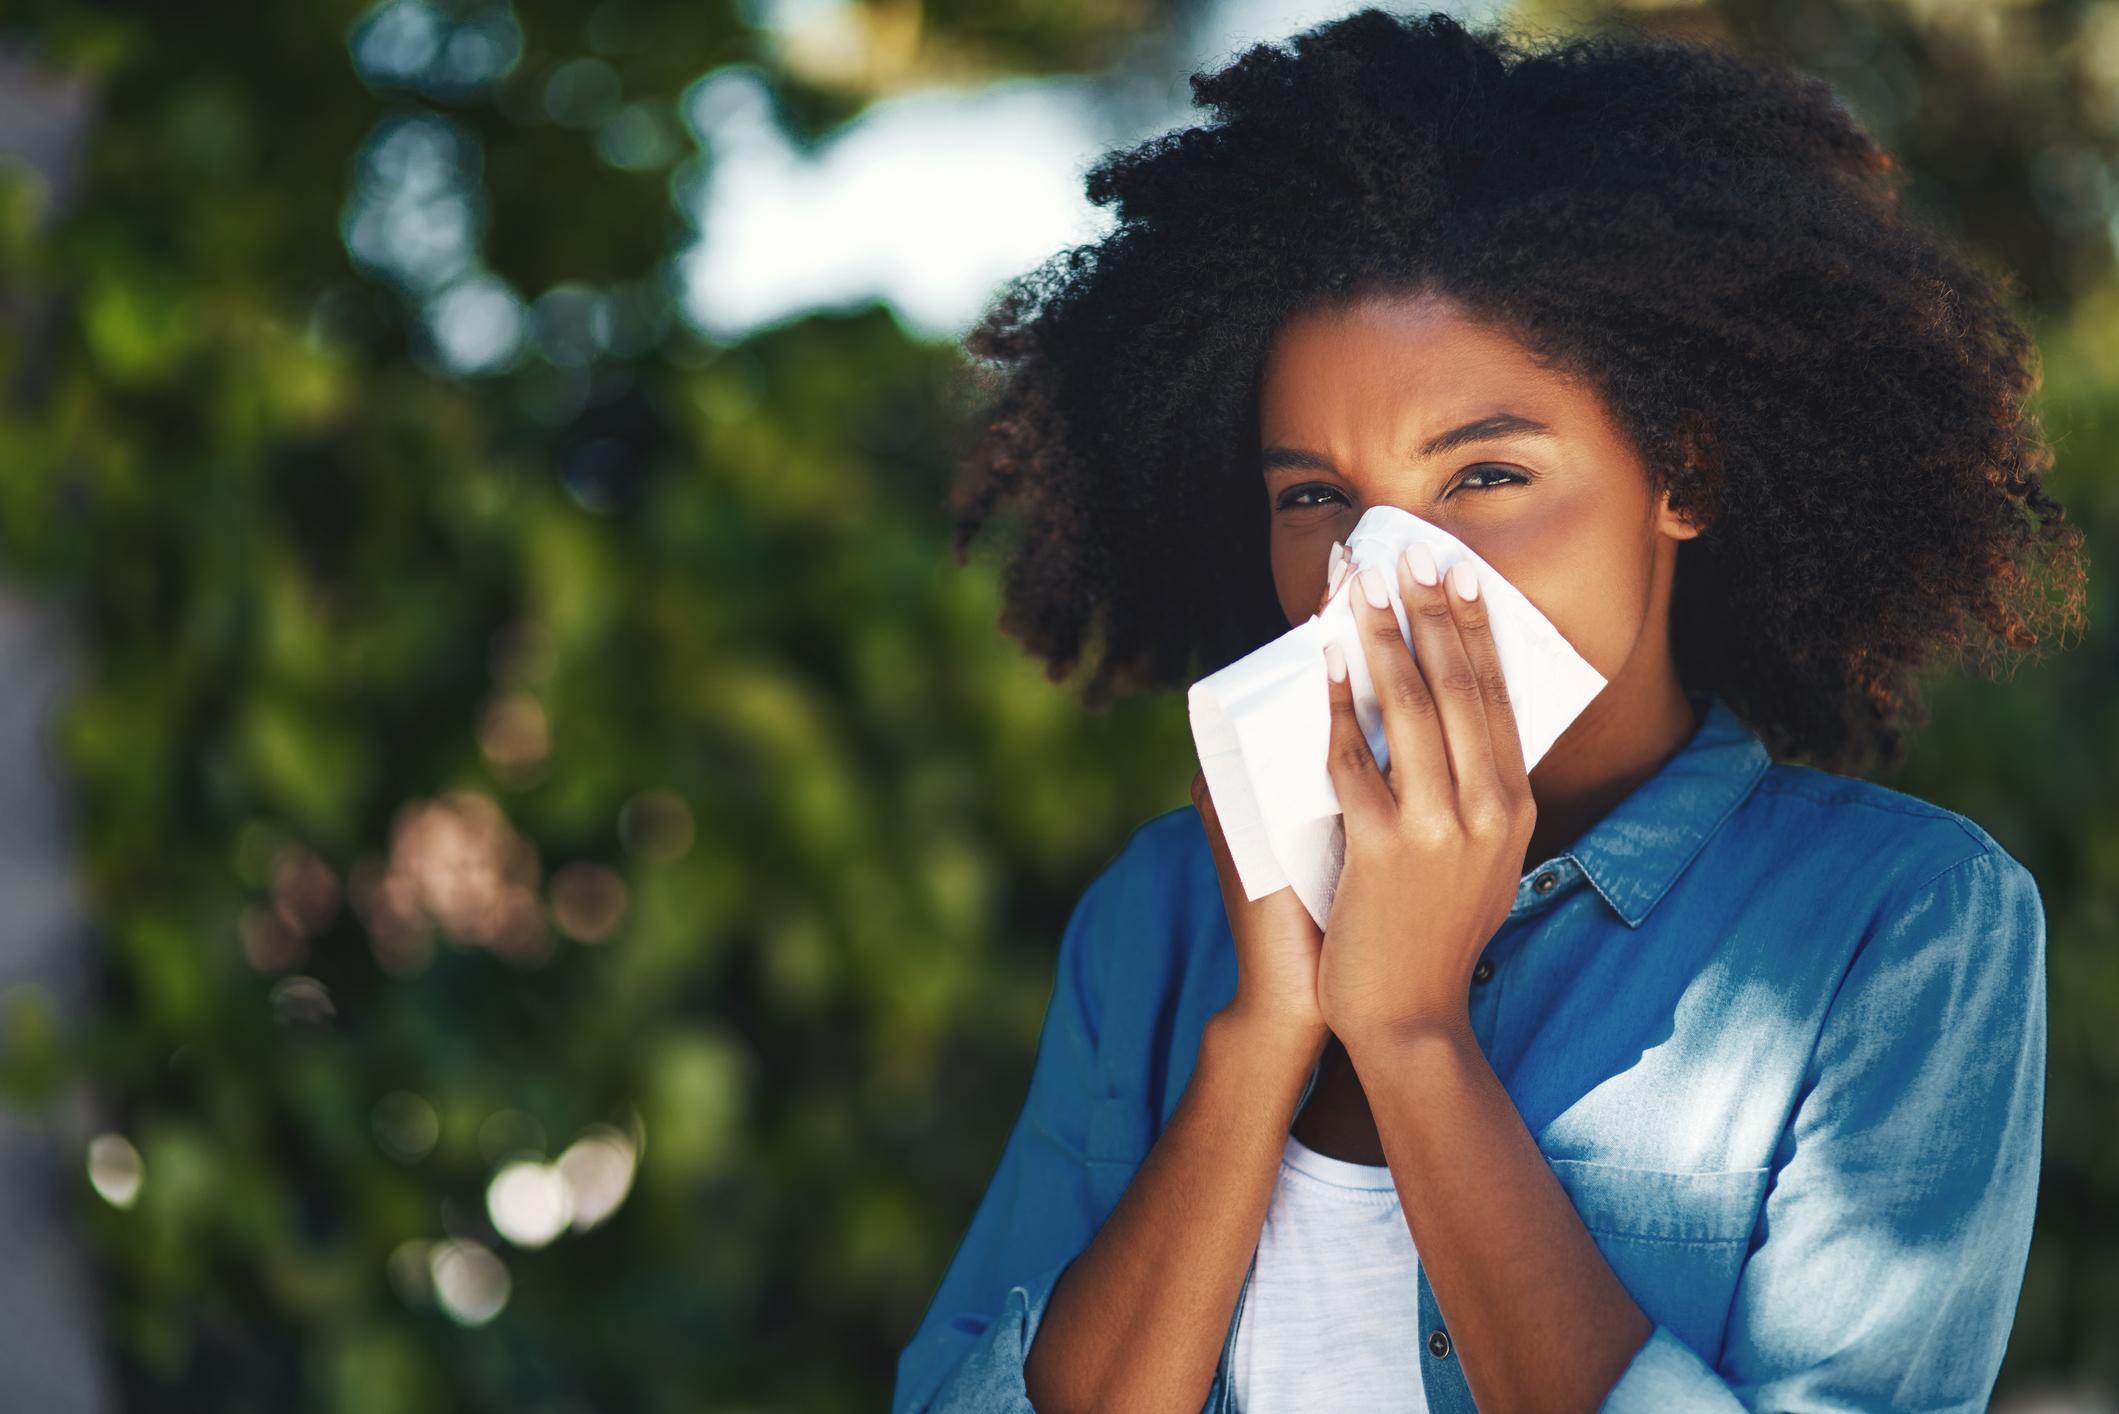 ¿Tiene alergia o un resfrío?